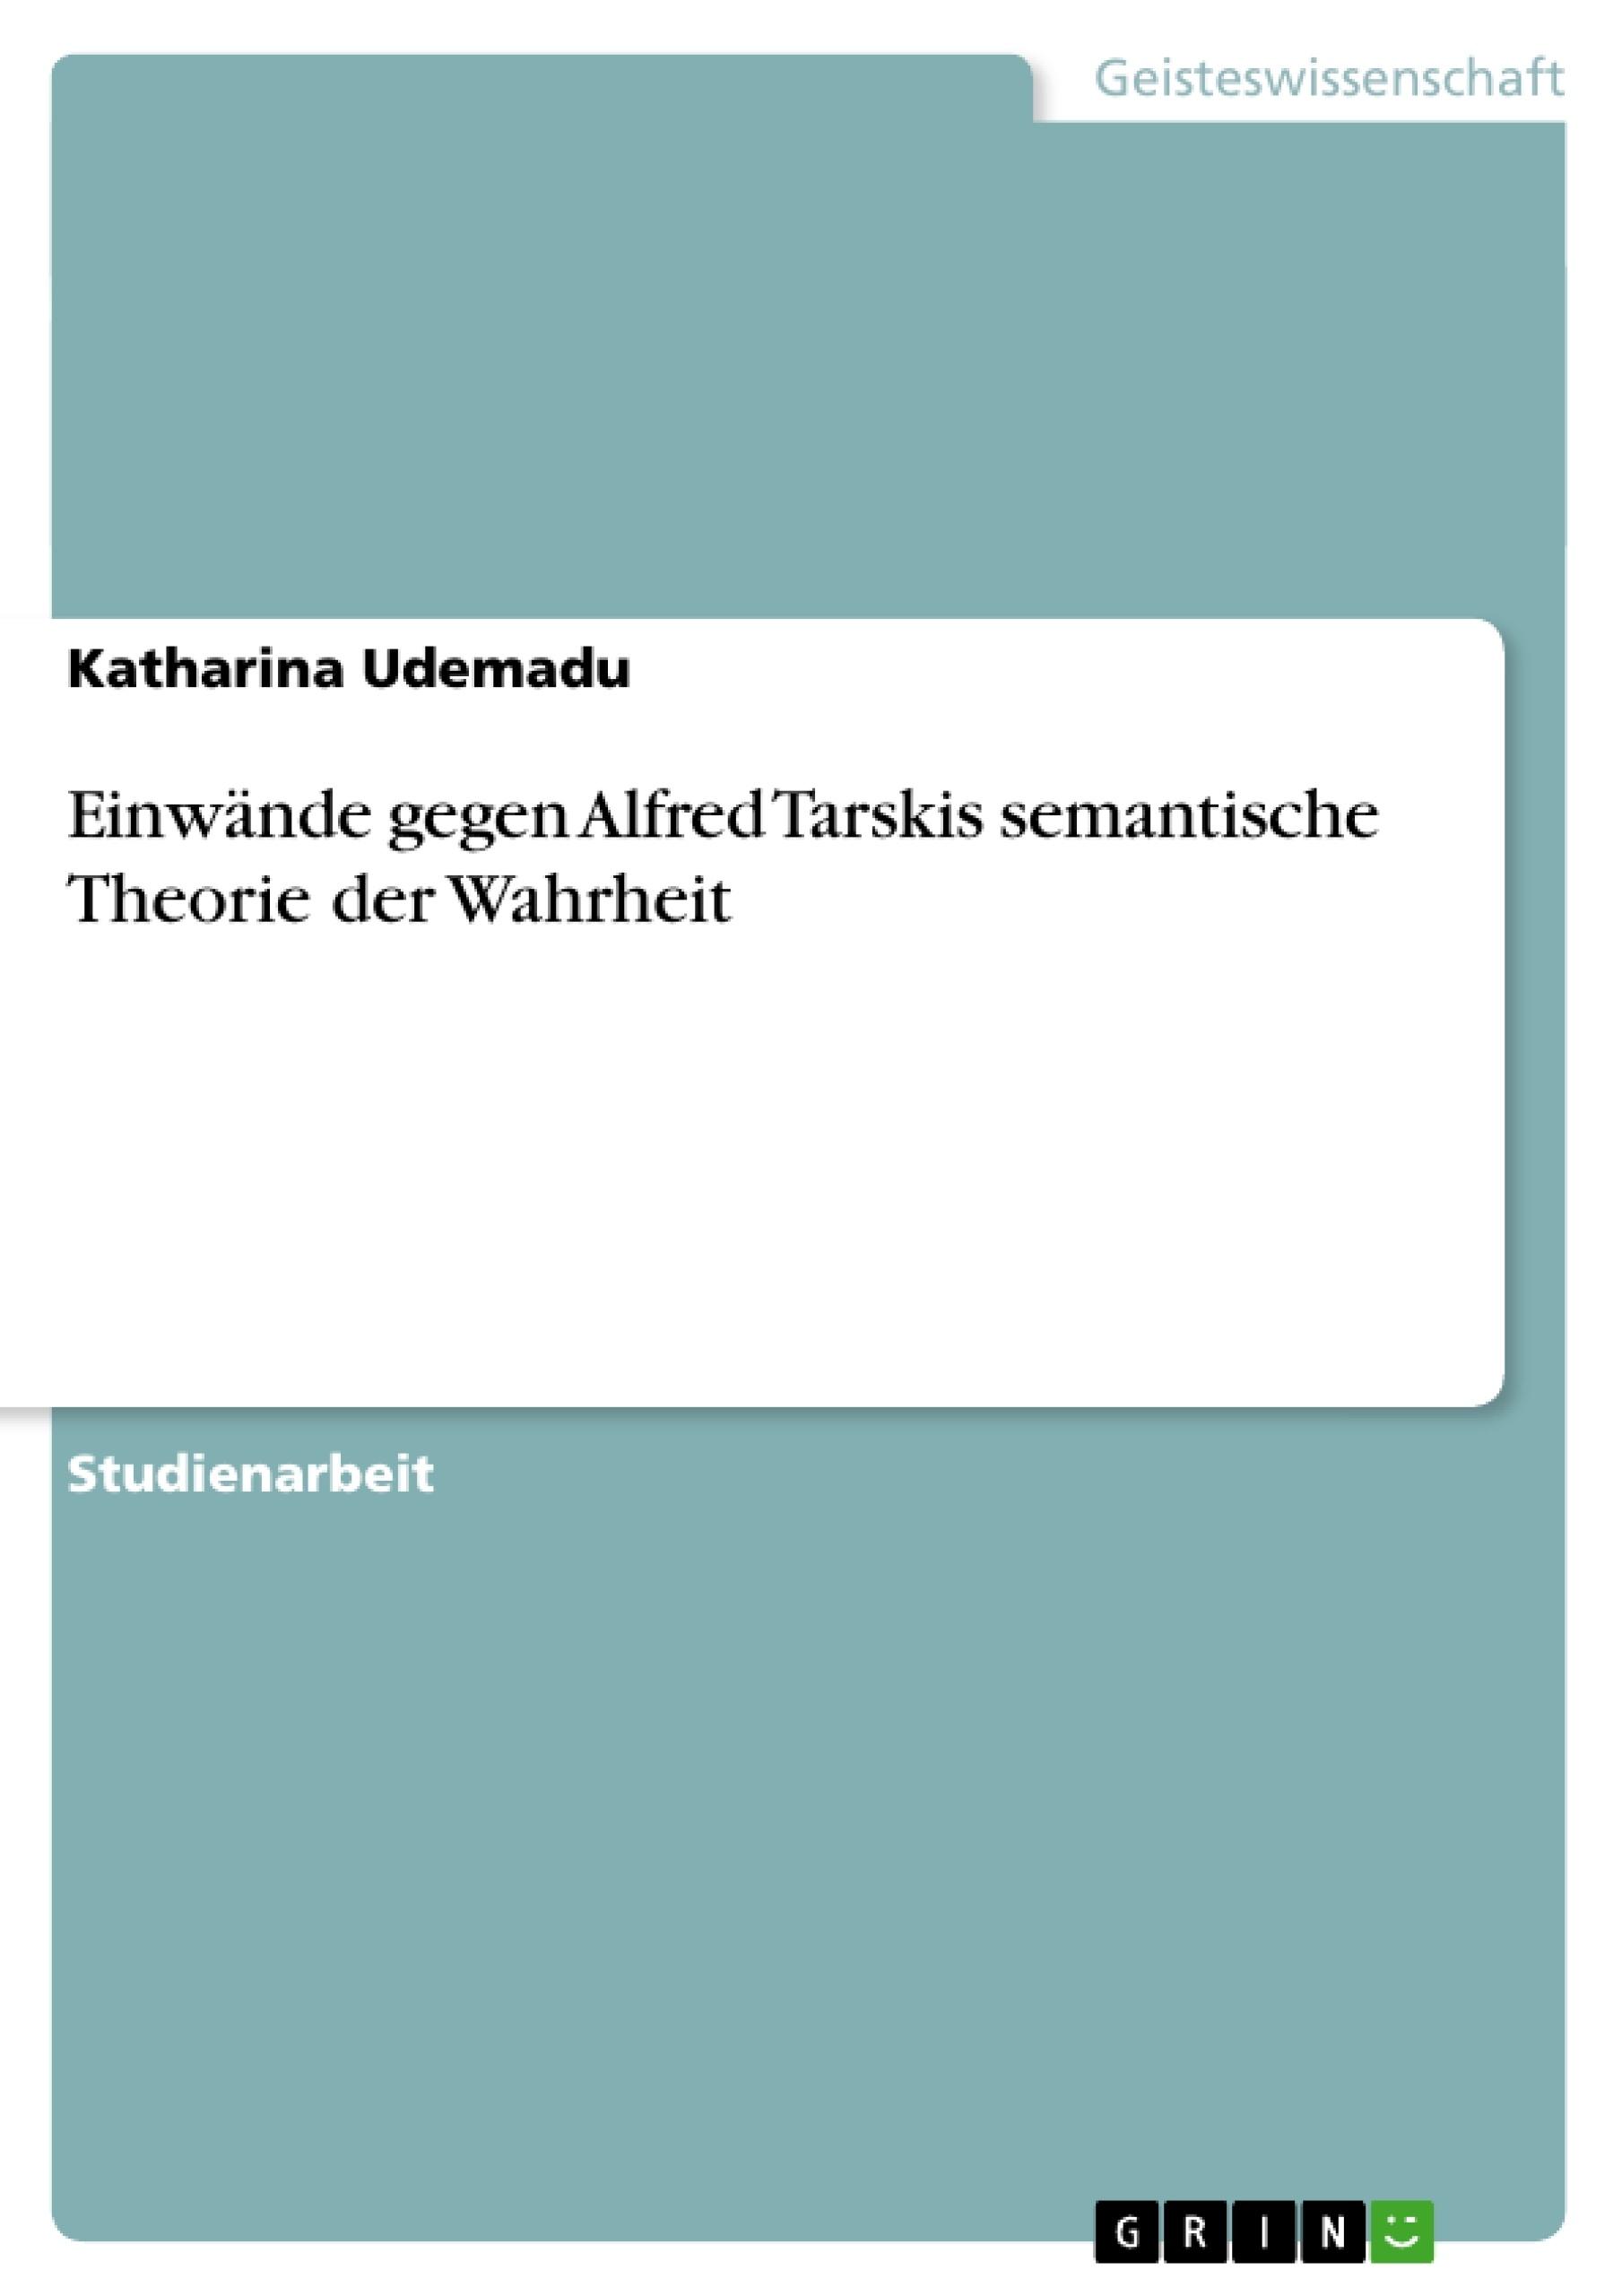 Titel: Einwände gegen Alfred Tarskis semantische Theorie der Wahrheit